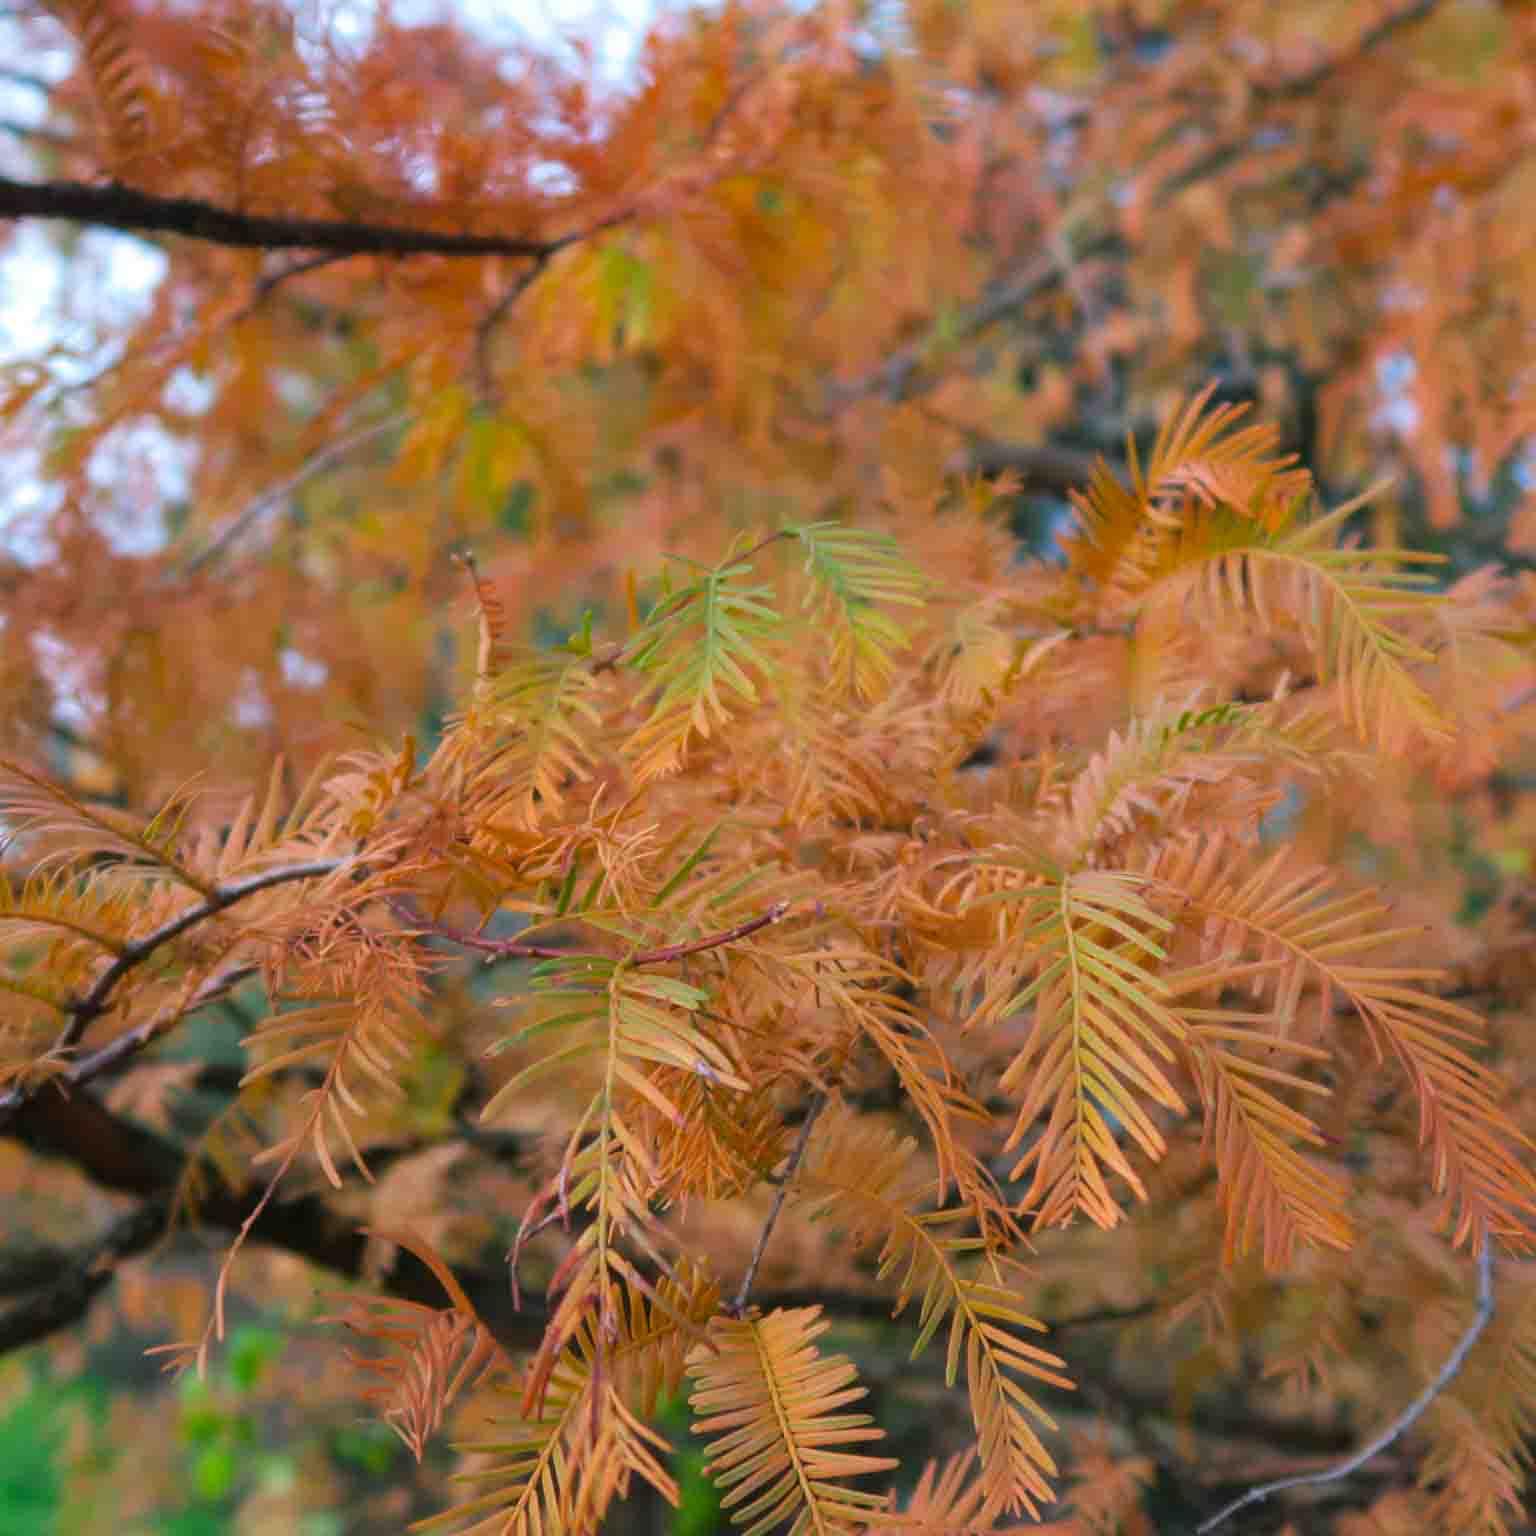 Kew Gardens in November is something to see | MOTRLT